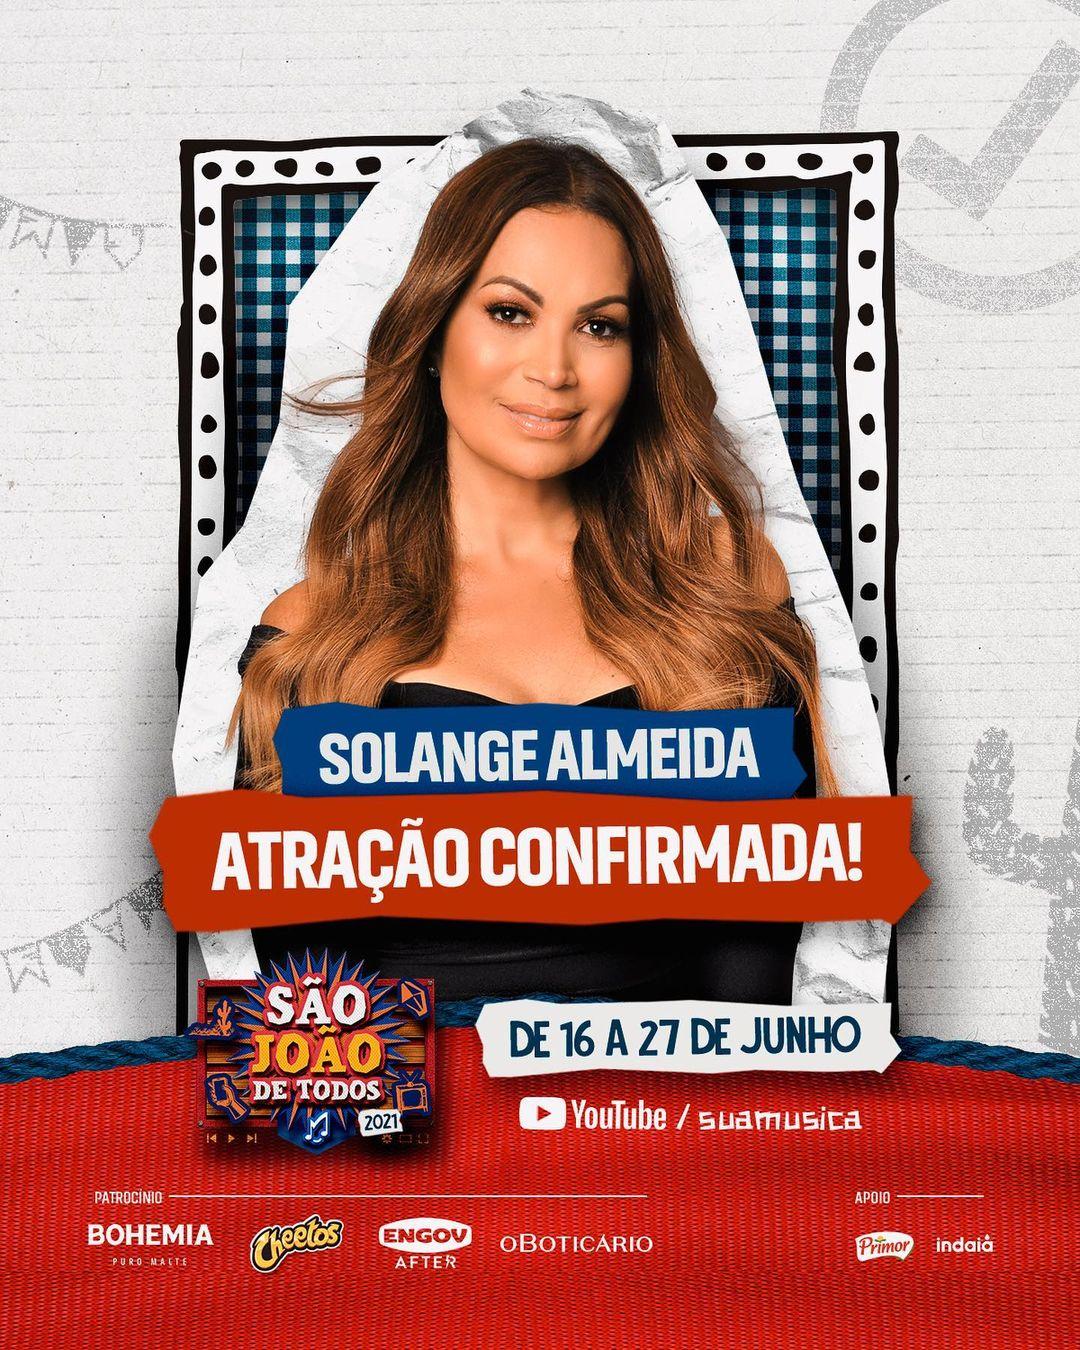 Solange Almeida abrilhanta o São João de Todos pelo segundo ano